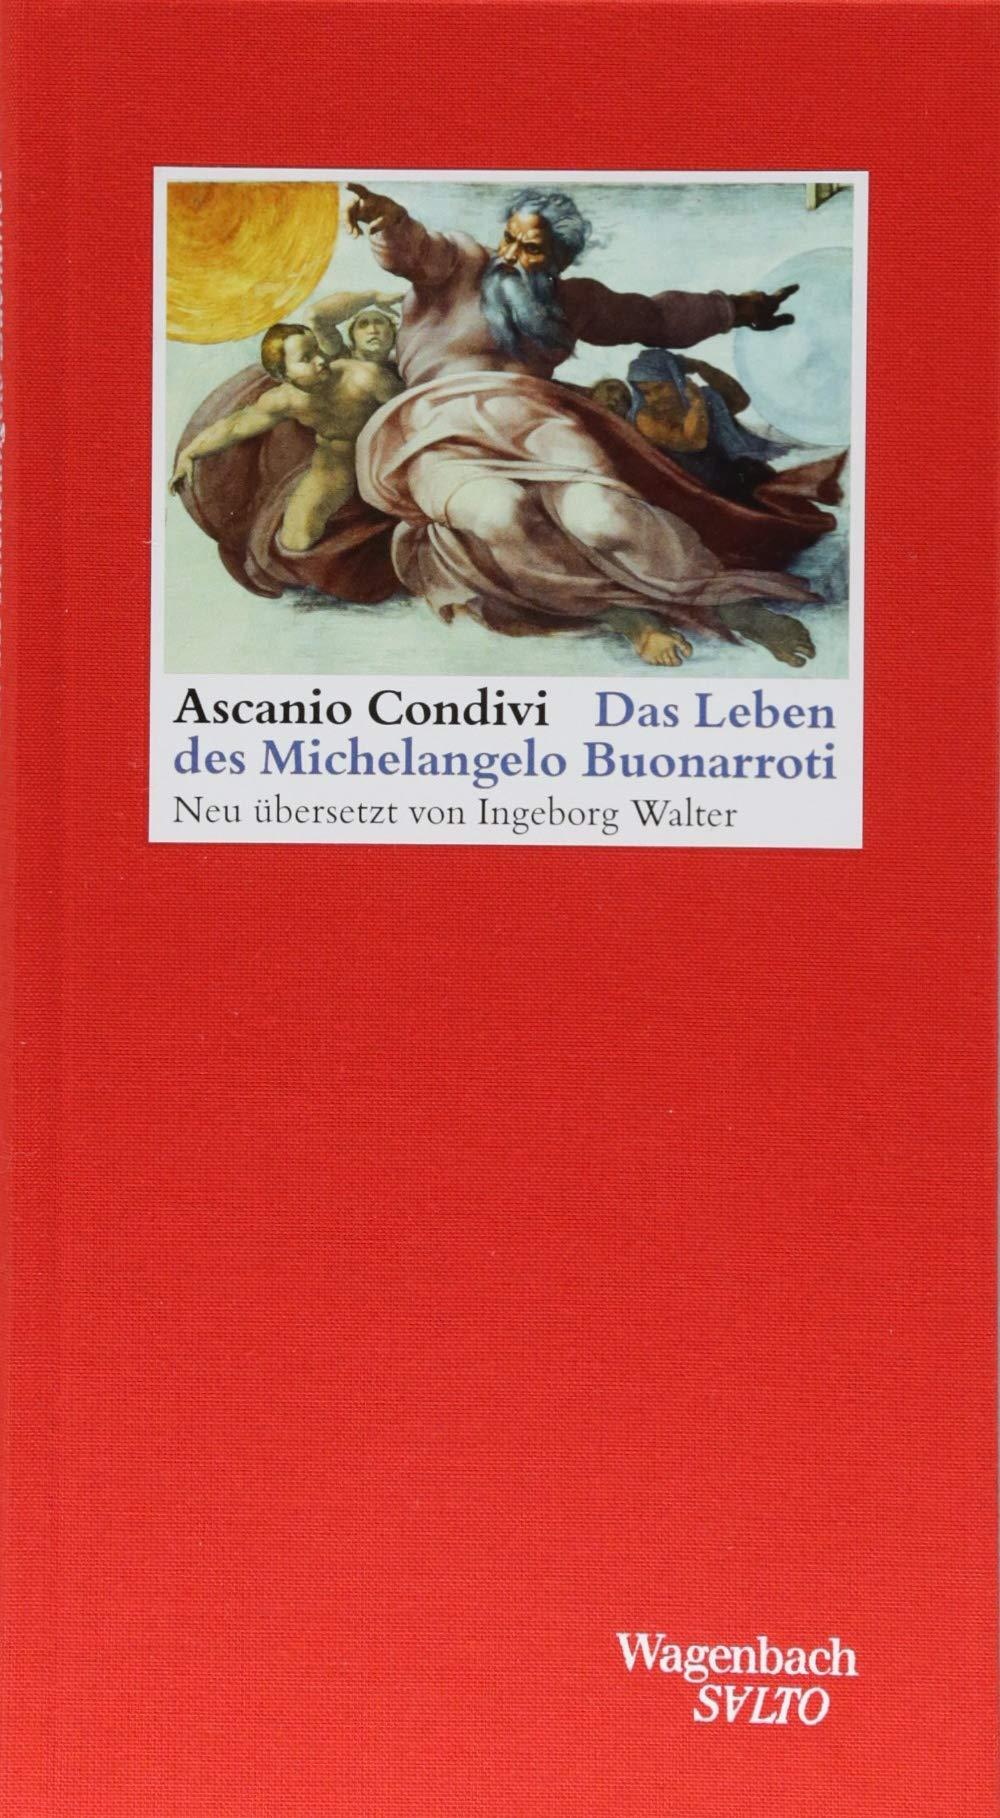 Das Leben des Michelangelo Buonarroti (Salto, Band 235)